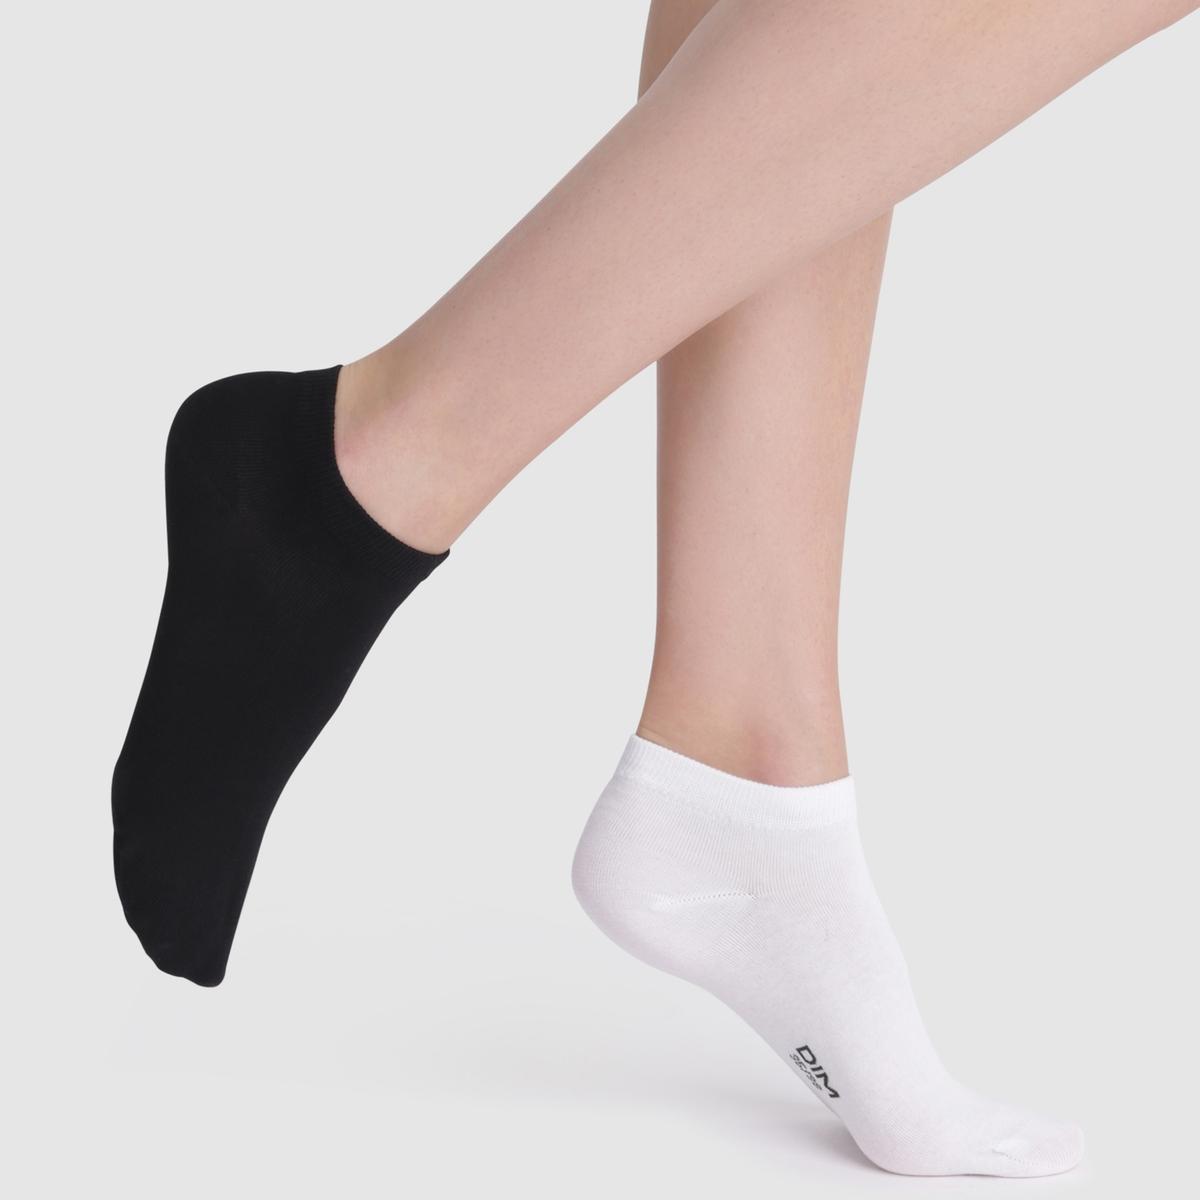 Imagen adicional 2 de producto de Calcetines cortos, lote de 2 pares - DIM